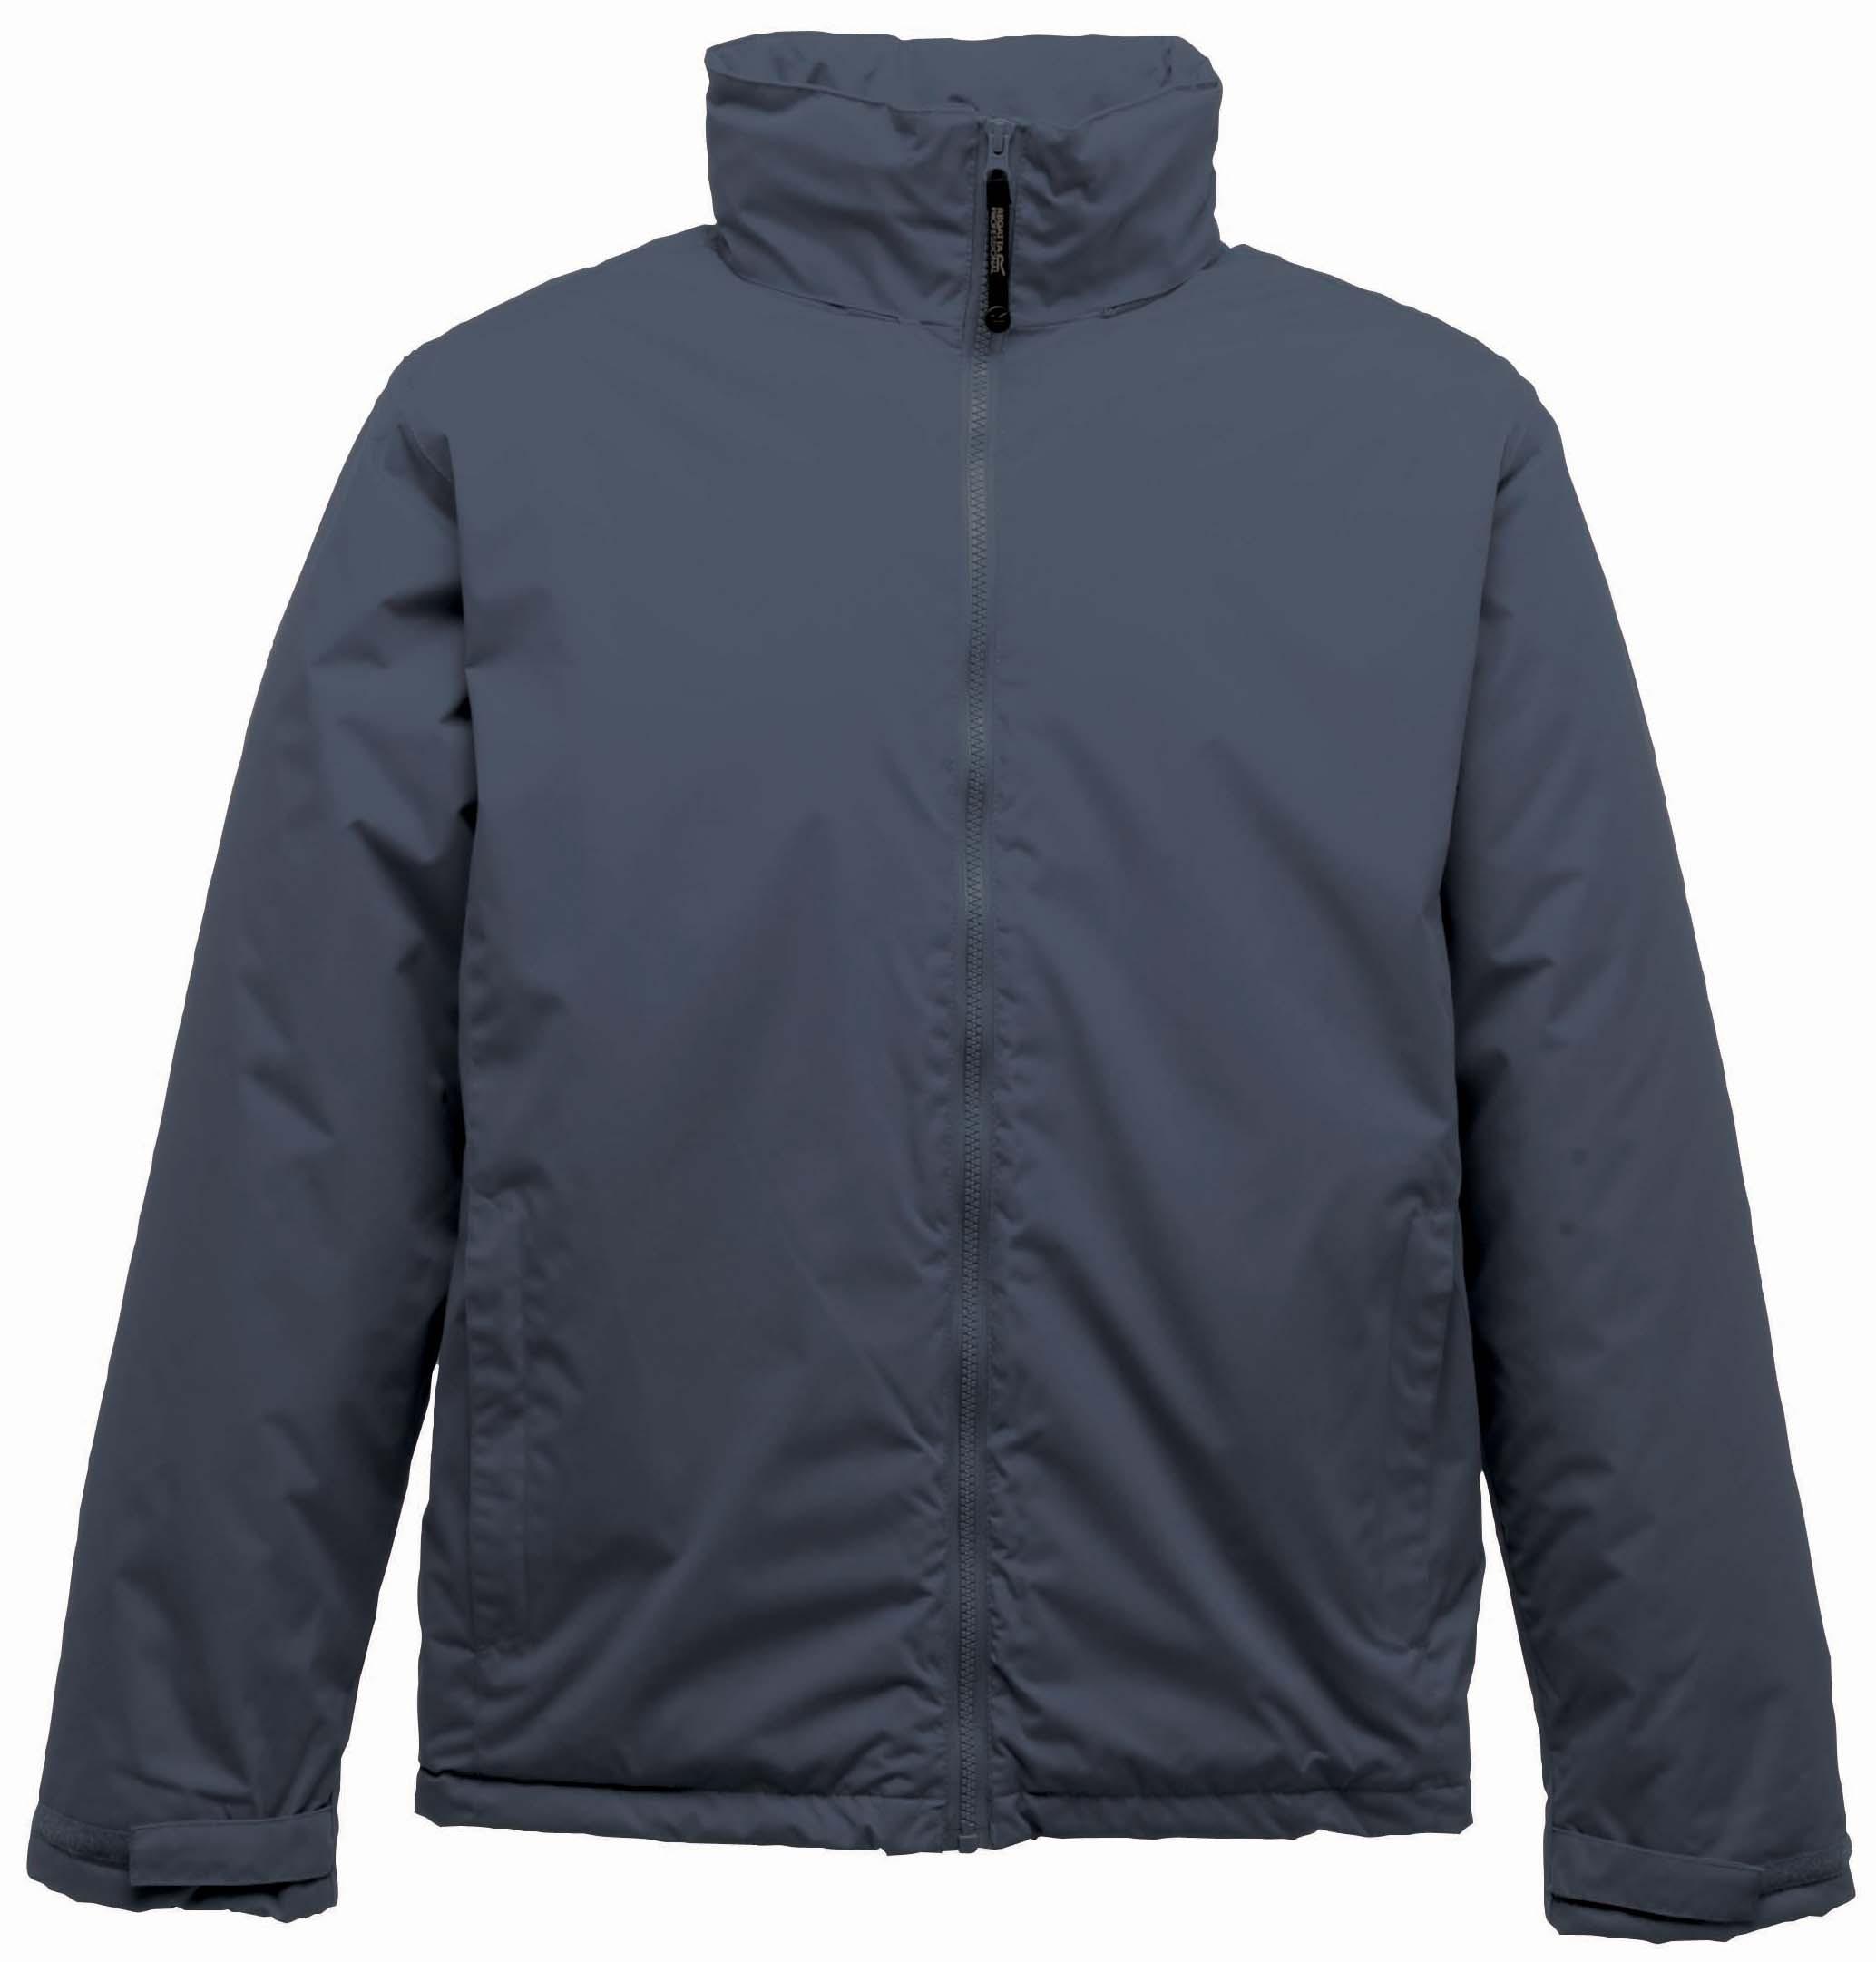 Regatta Classic Shell Jacket Navy (L)